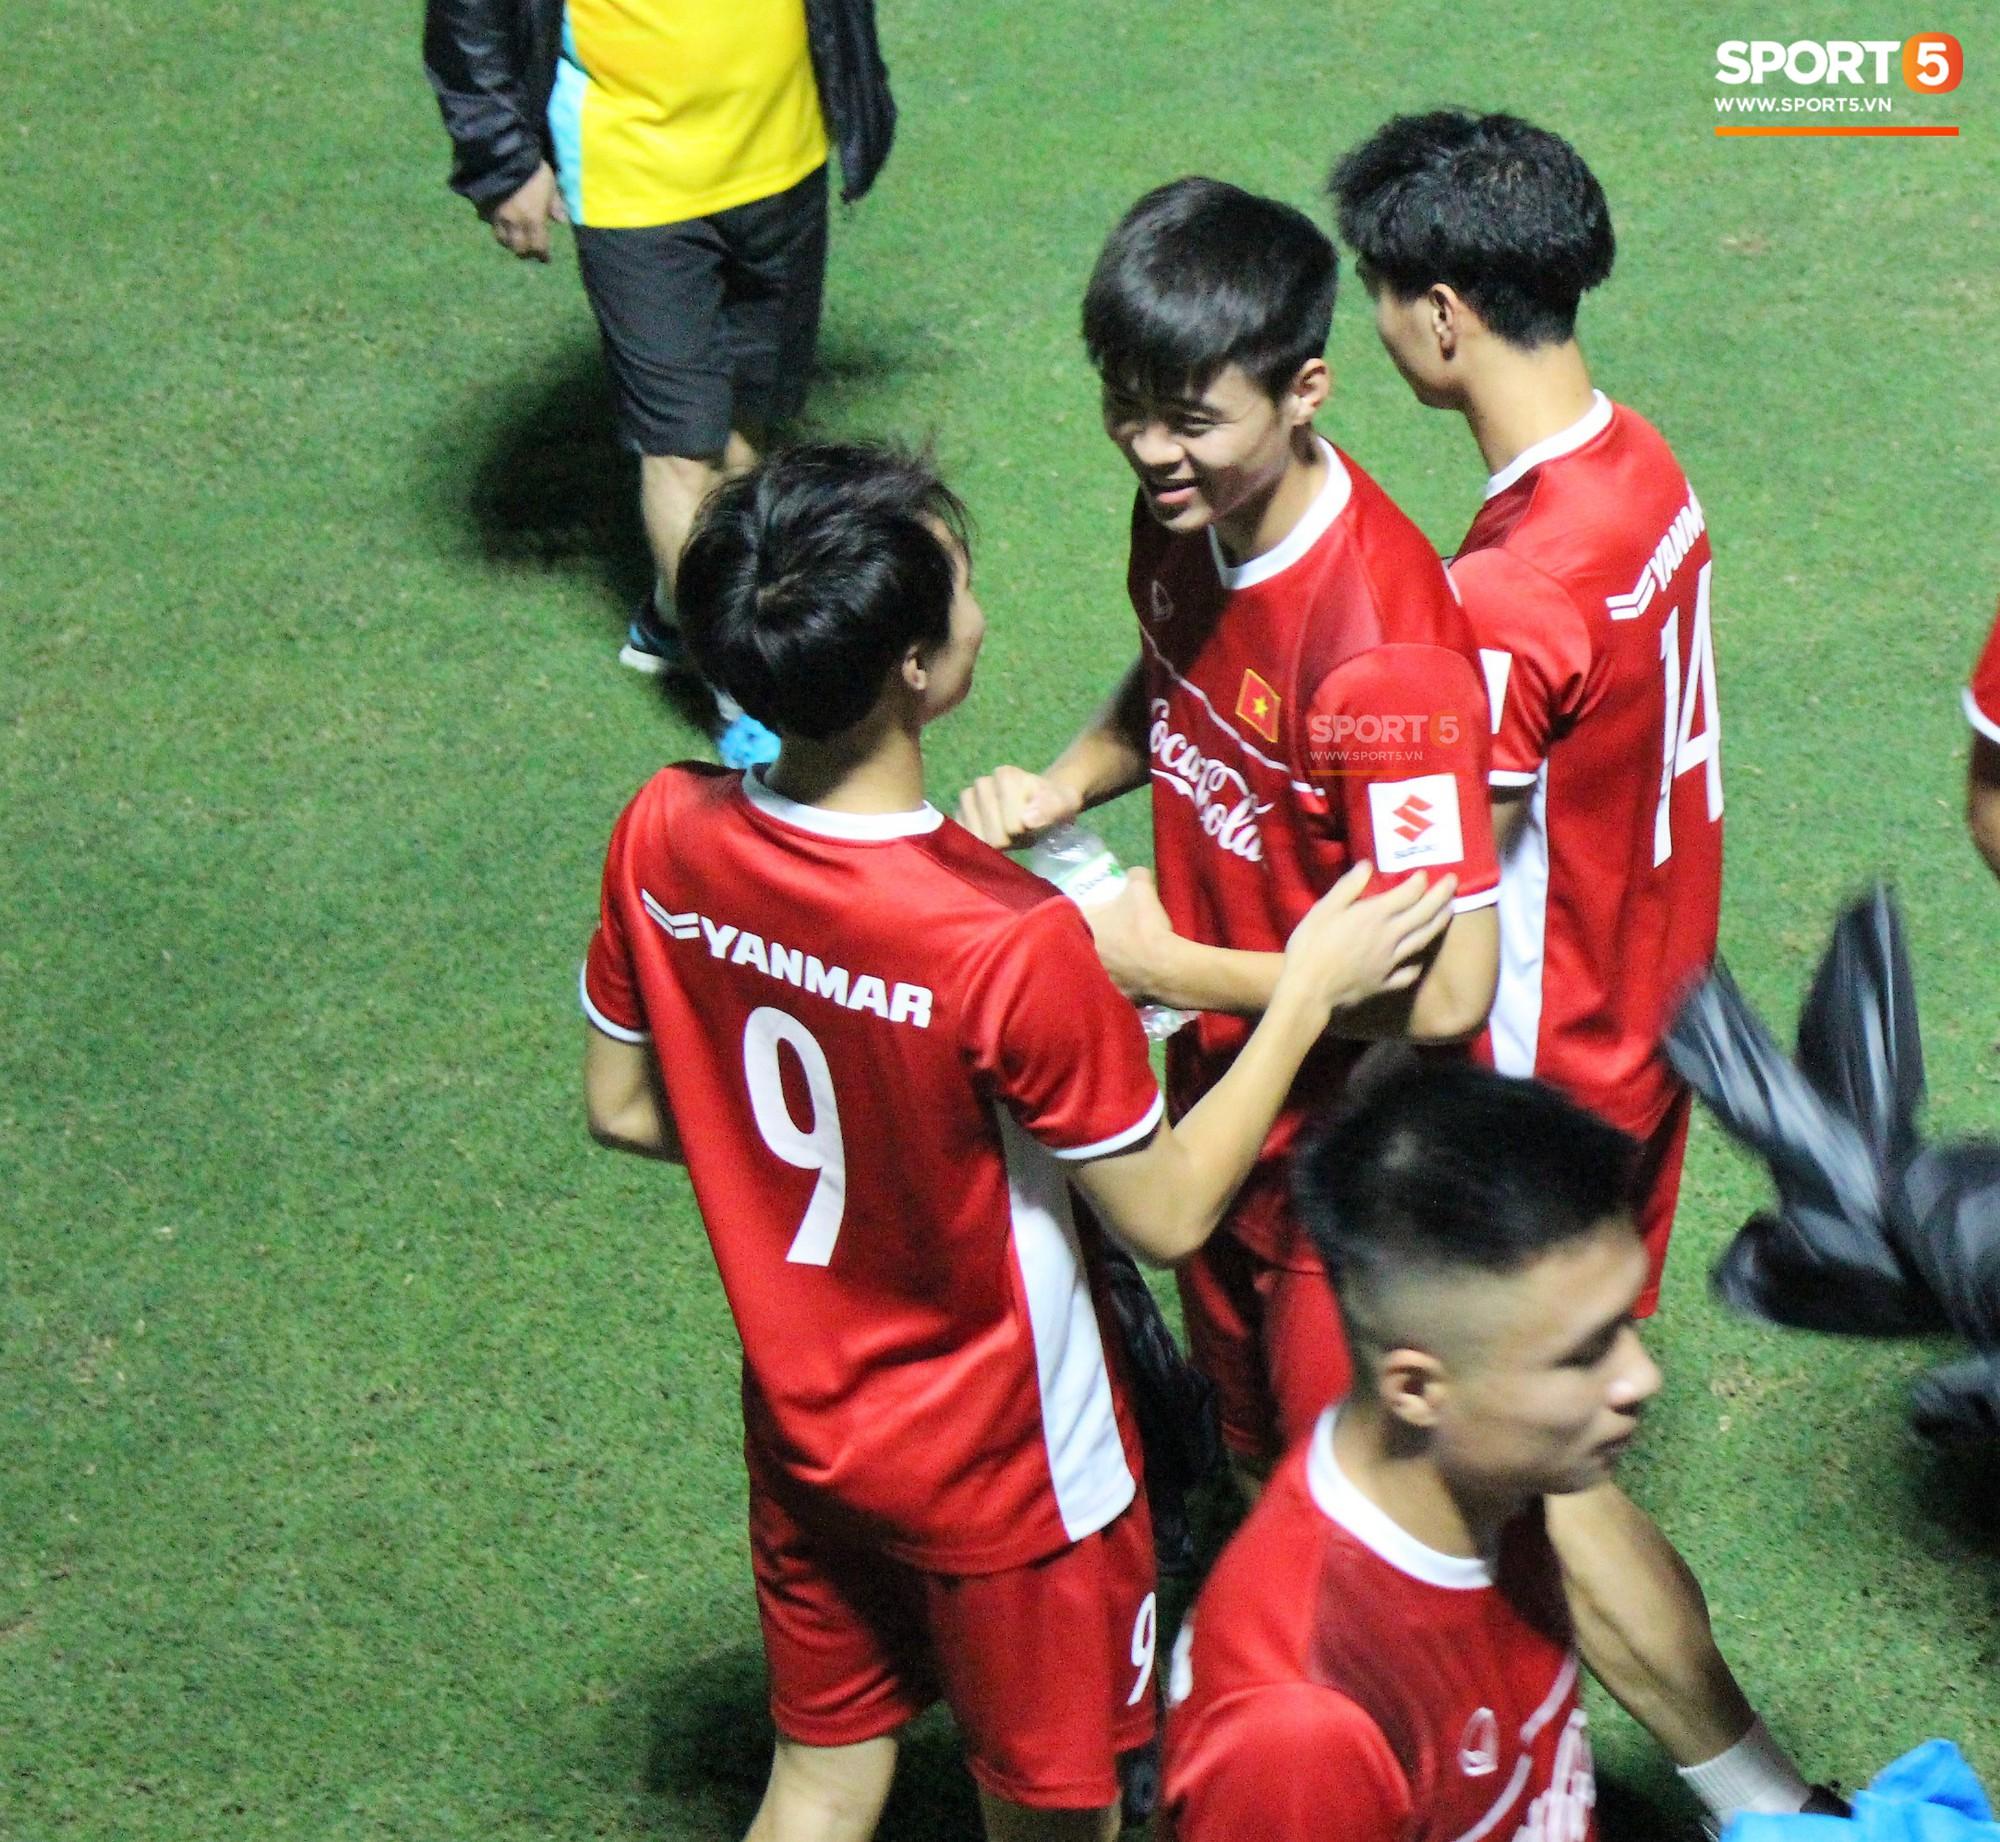 Đức Chinh chạy trốn, Đình Trọng và Minh Vương bị HLV Park Hang Seo lột giày vì không mang tất đúng chuẩn-8